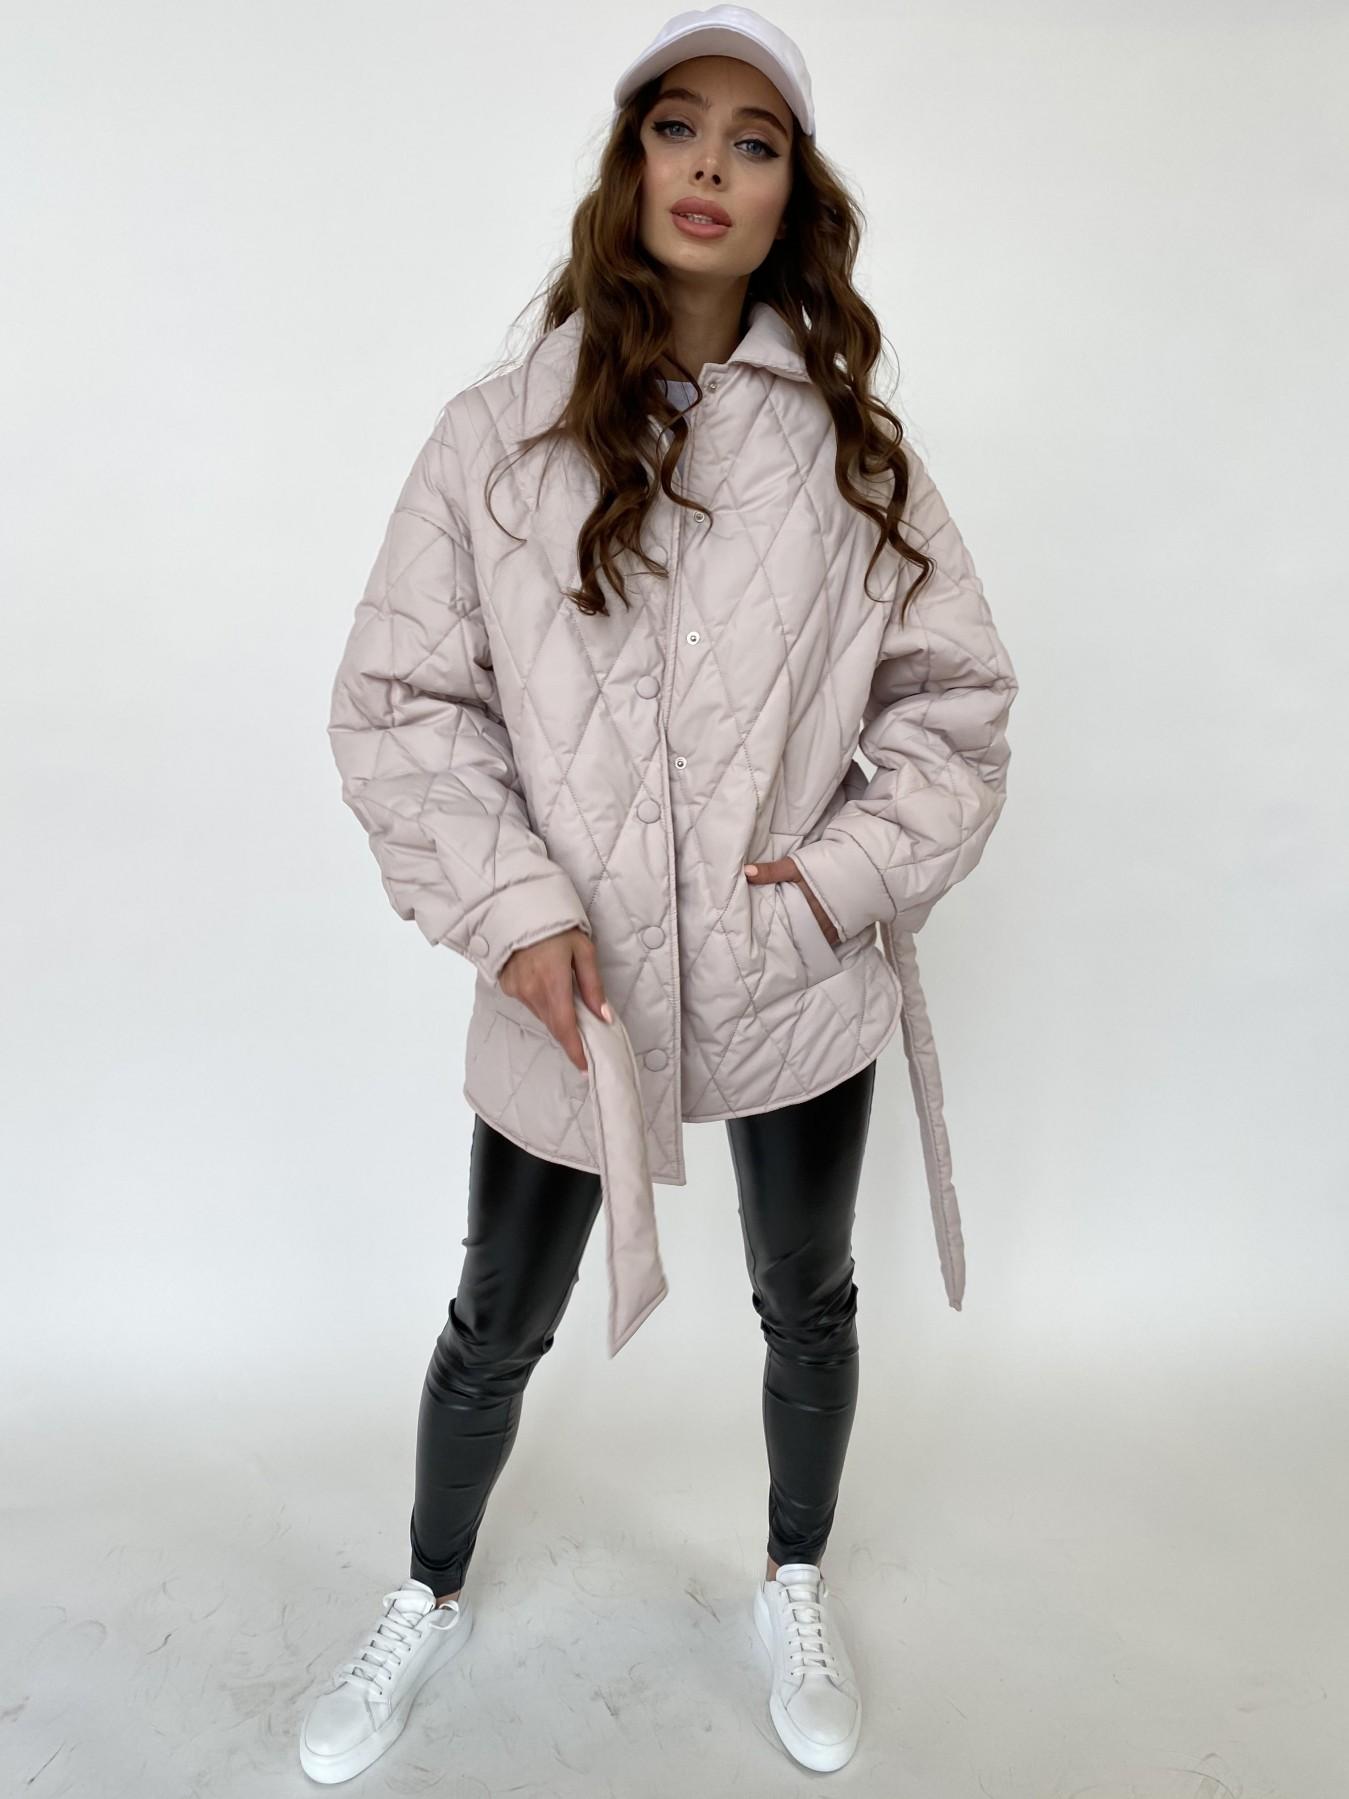 Моно куртка из плащевой ткани Ammy 10972 АРТ. 47515 Цвет: Бежевый 970 - фото 2, интернет магазин tm-modus.ru